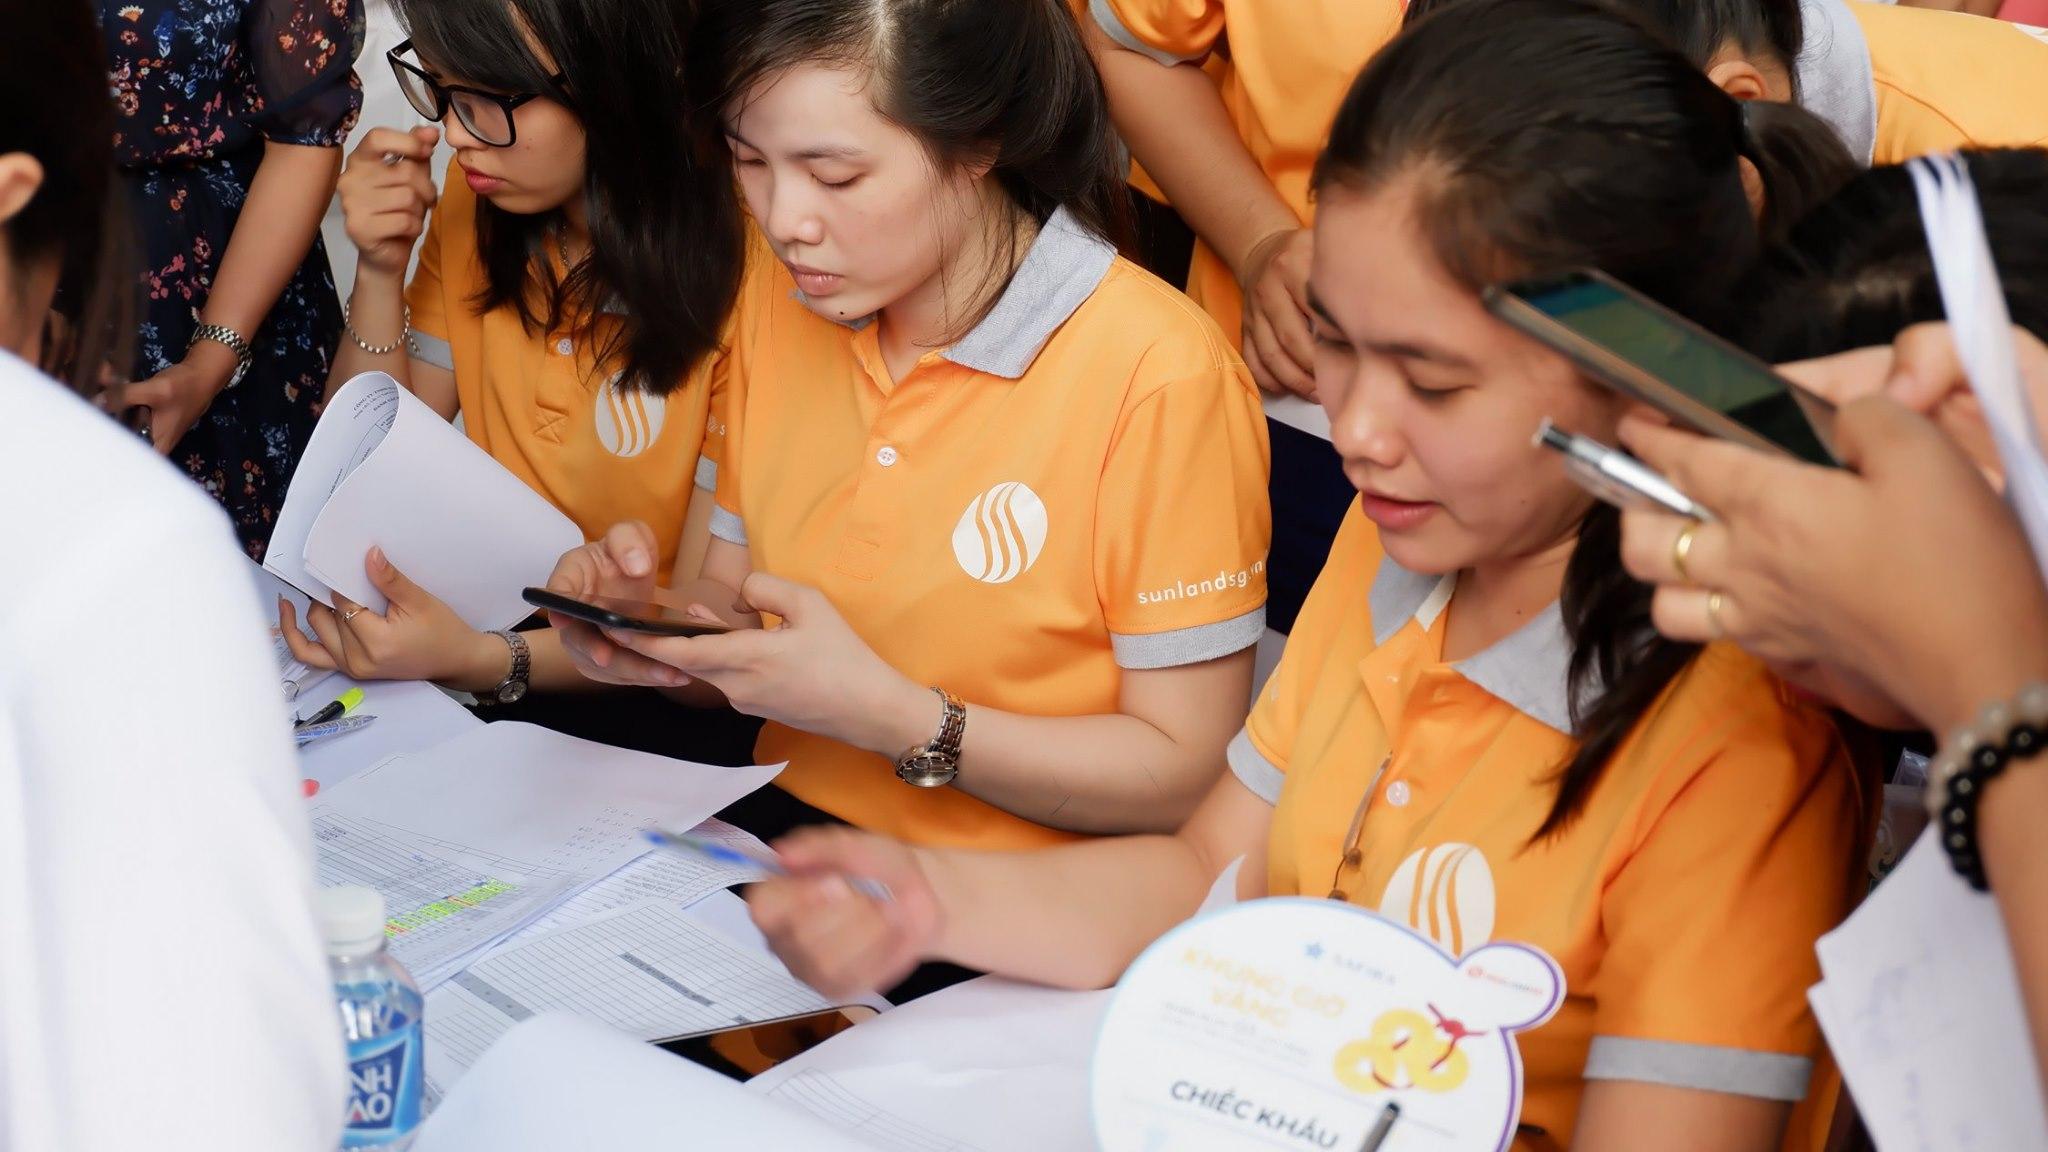 Đội ngũ nhân viên SunlandSG trong buổi lễ mở bán dự án Safira Khang Điền Quận 9